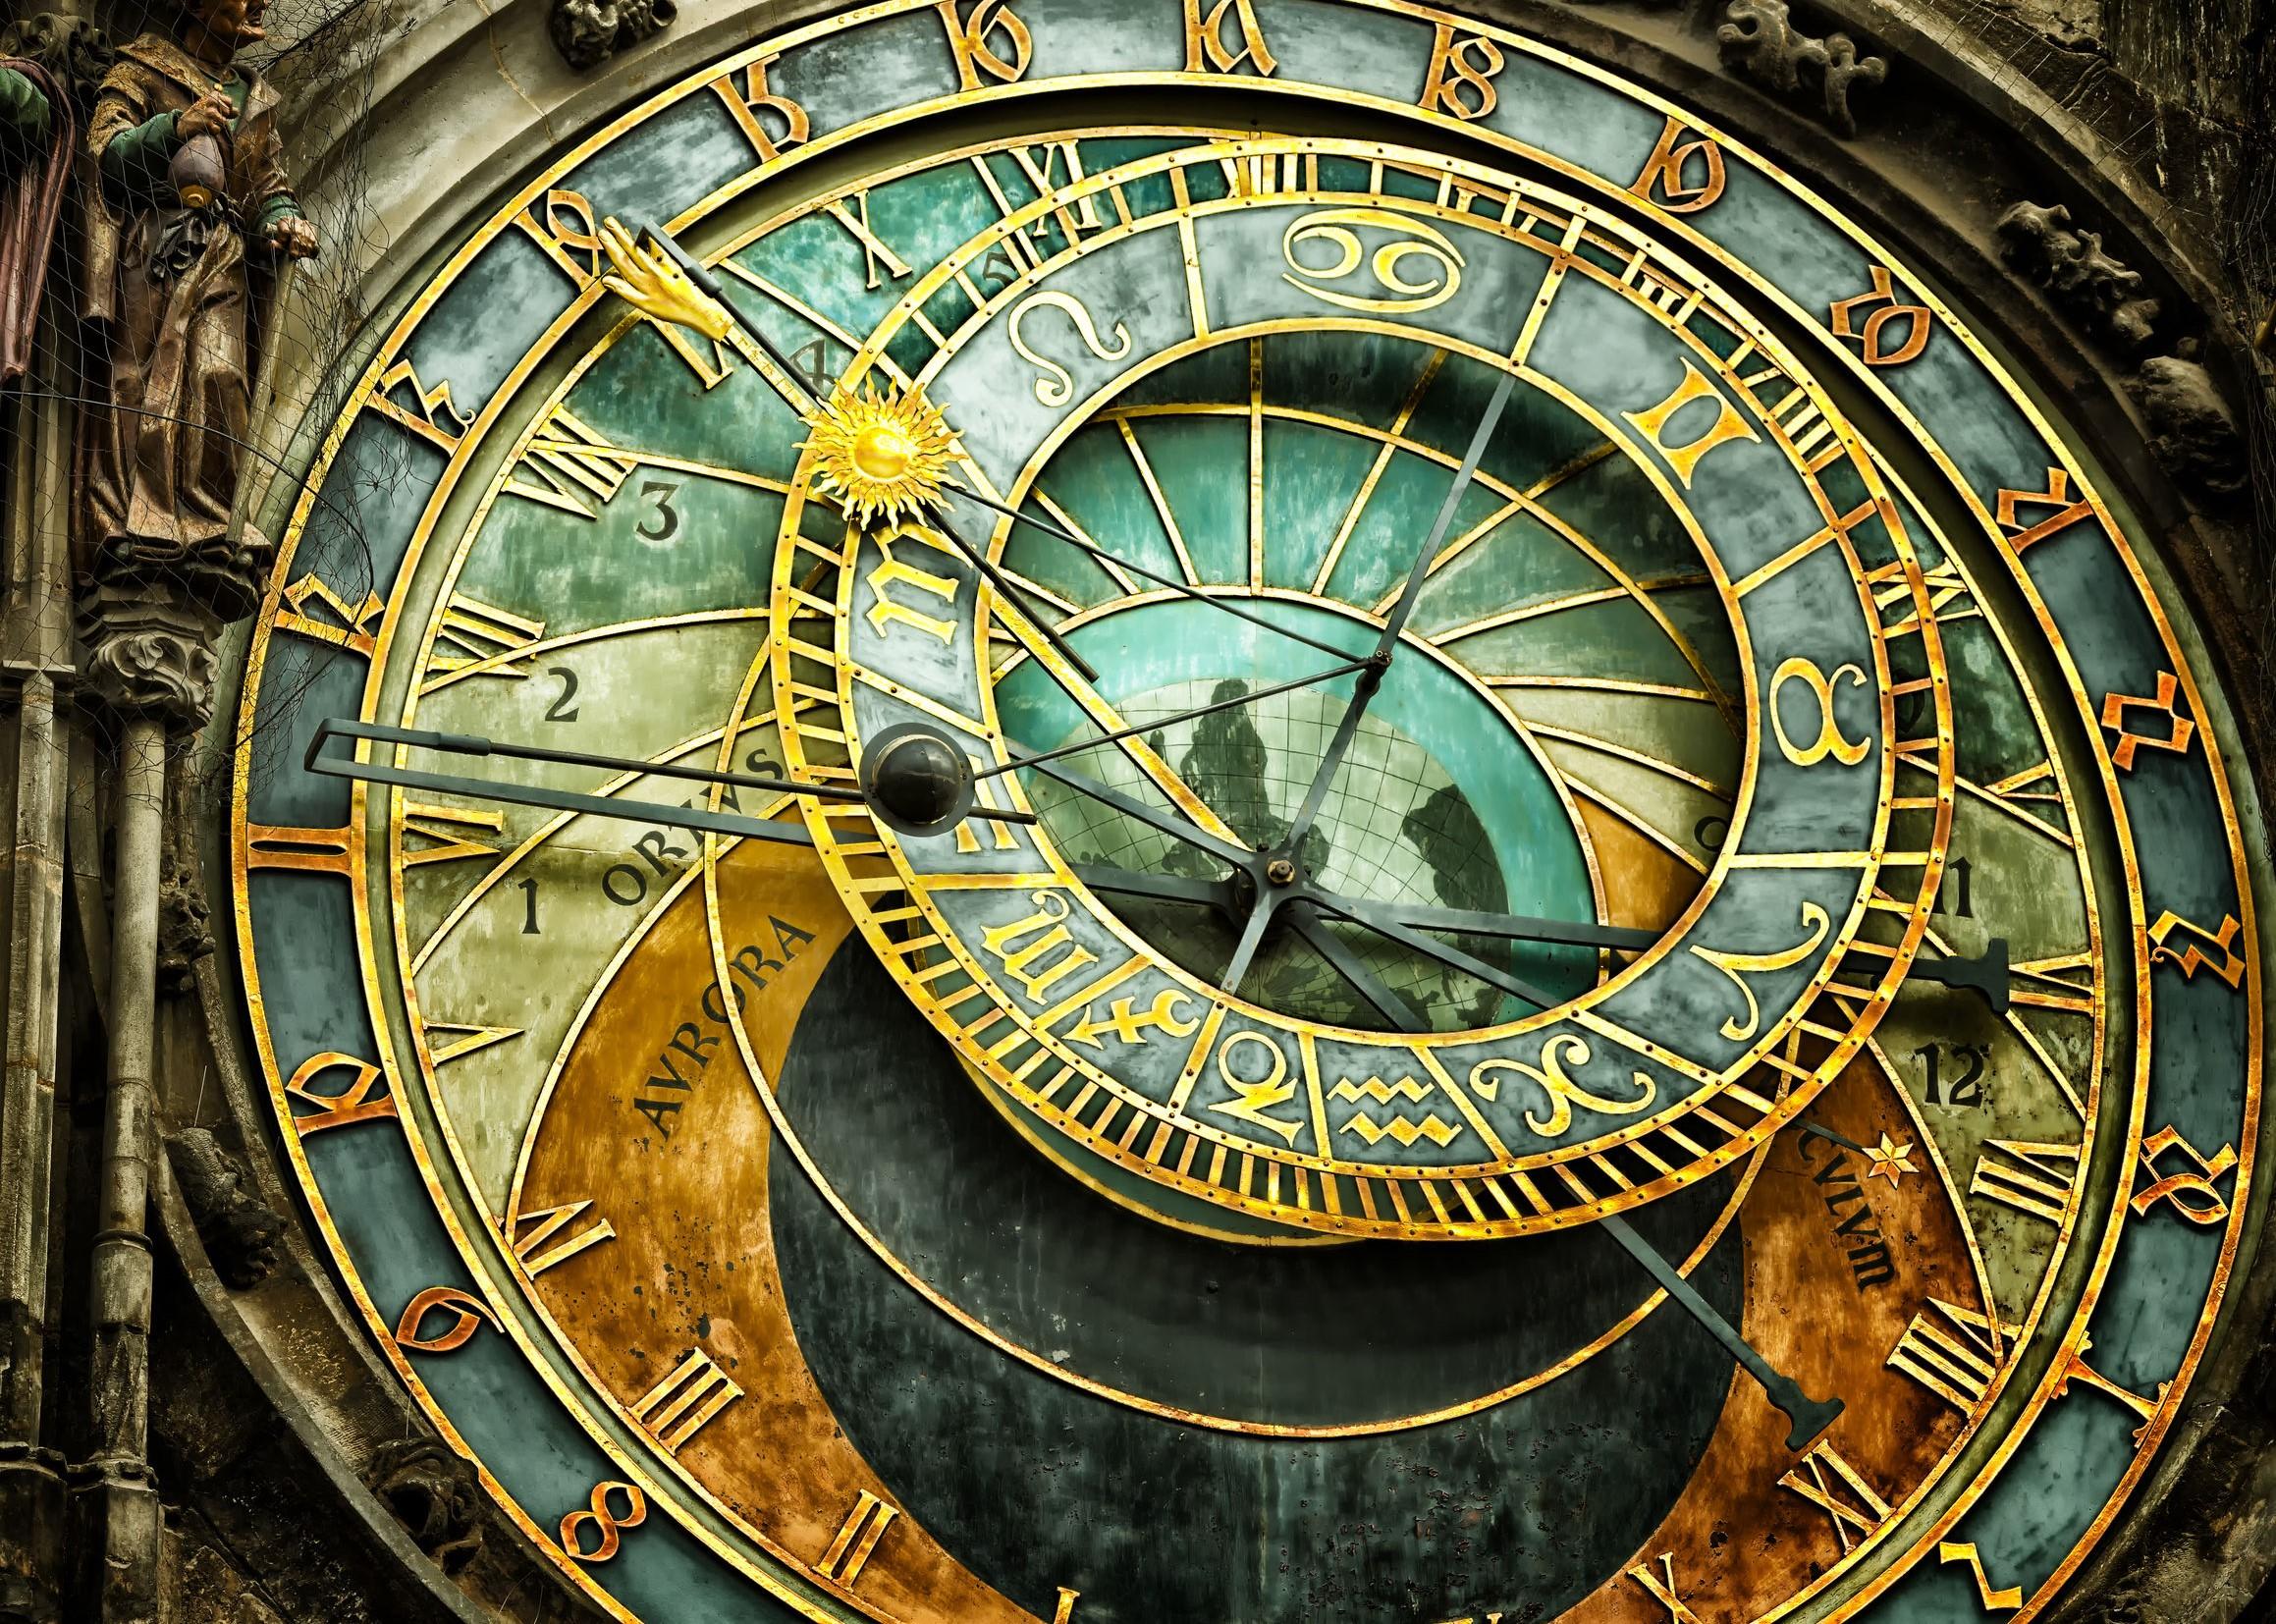 Η Αφροδίτη στον Υδροχόο. Εβδομαδιαίες Προβλέψεις από 25 Φεβρουαρίου έως 3 Μαρτίου2019.